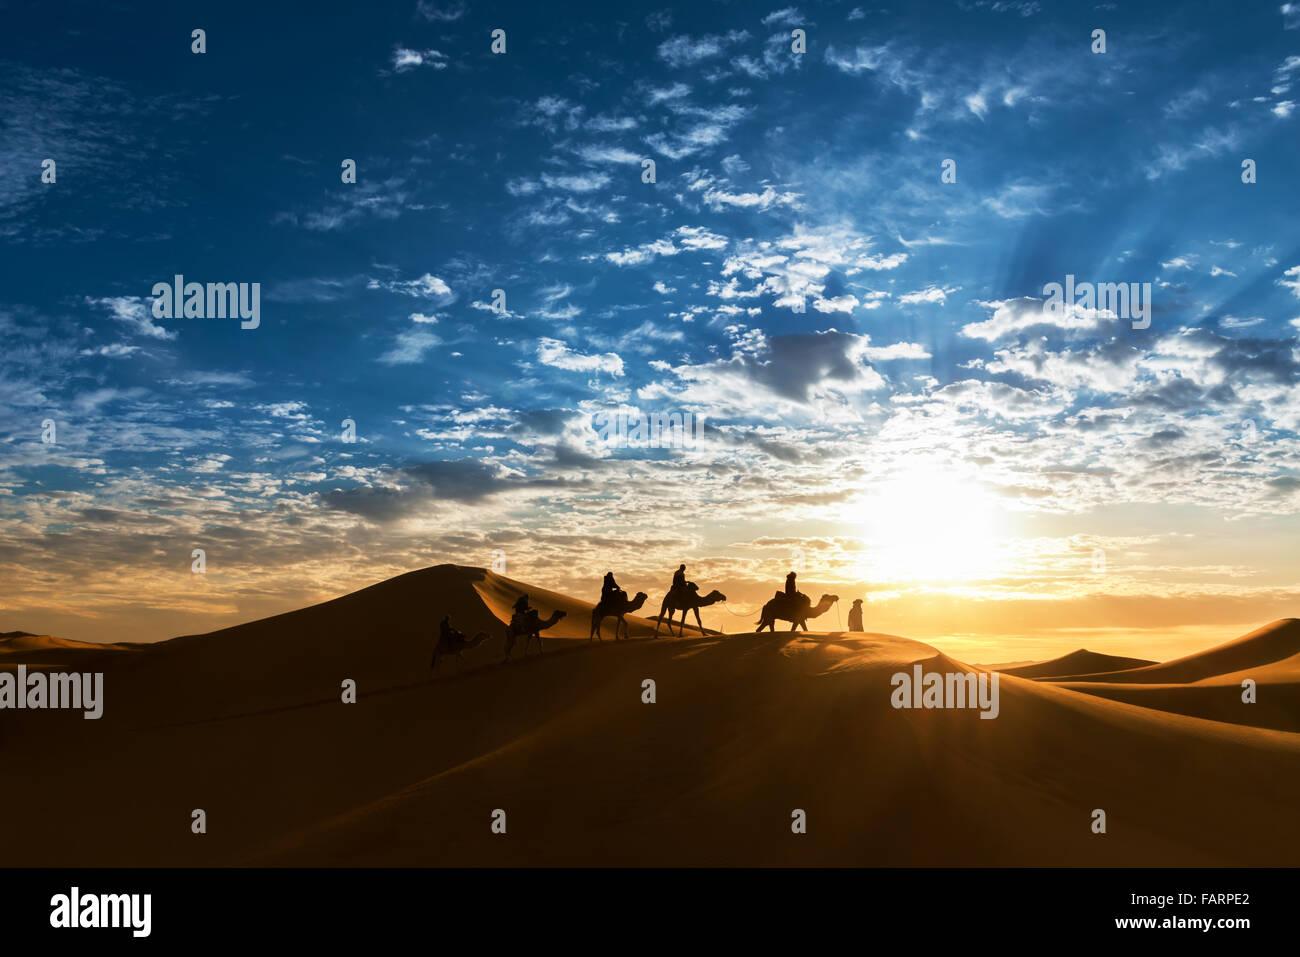 Caravane dans le désert pendant le lever du soleil contre un beau ciel nuageux. Banque D'Images